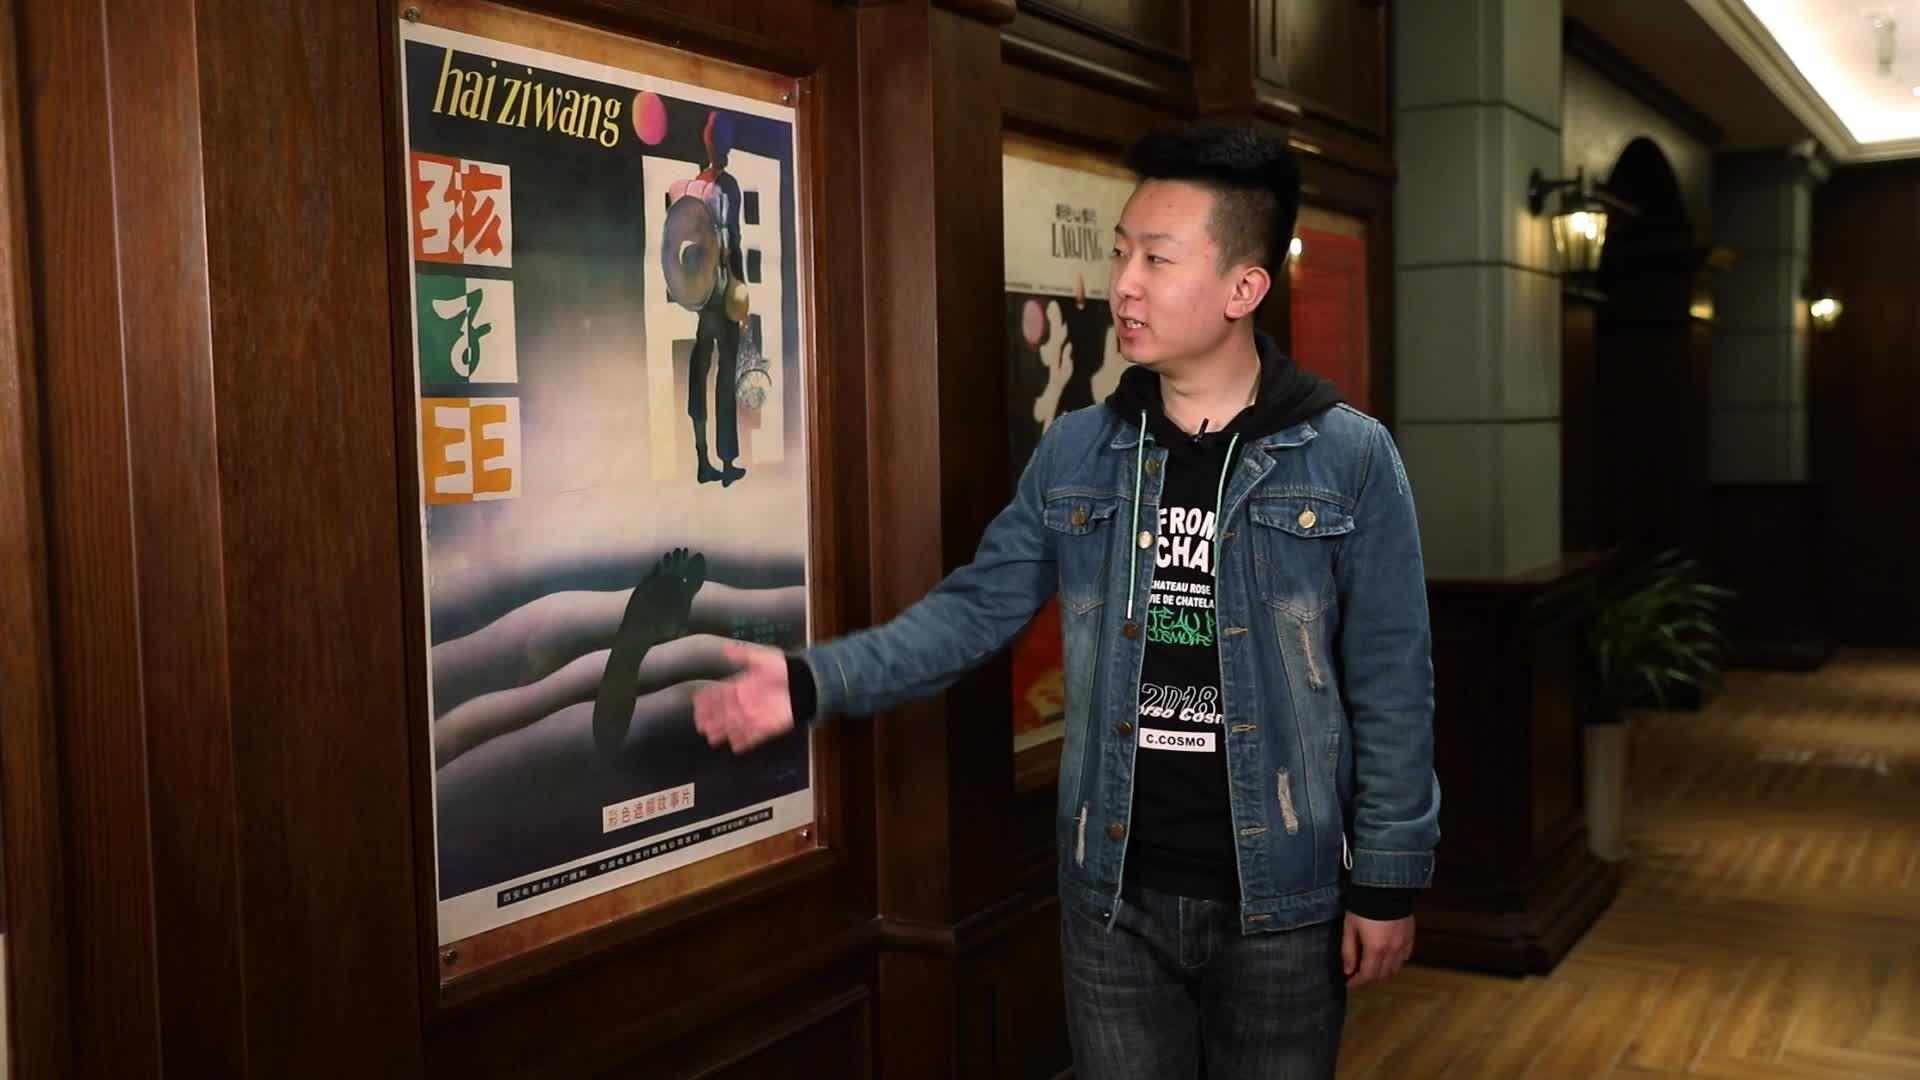 上世纪电影背后的故事(1)陈凯歌最好看的镜头